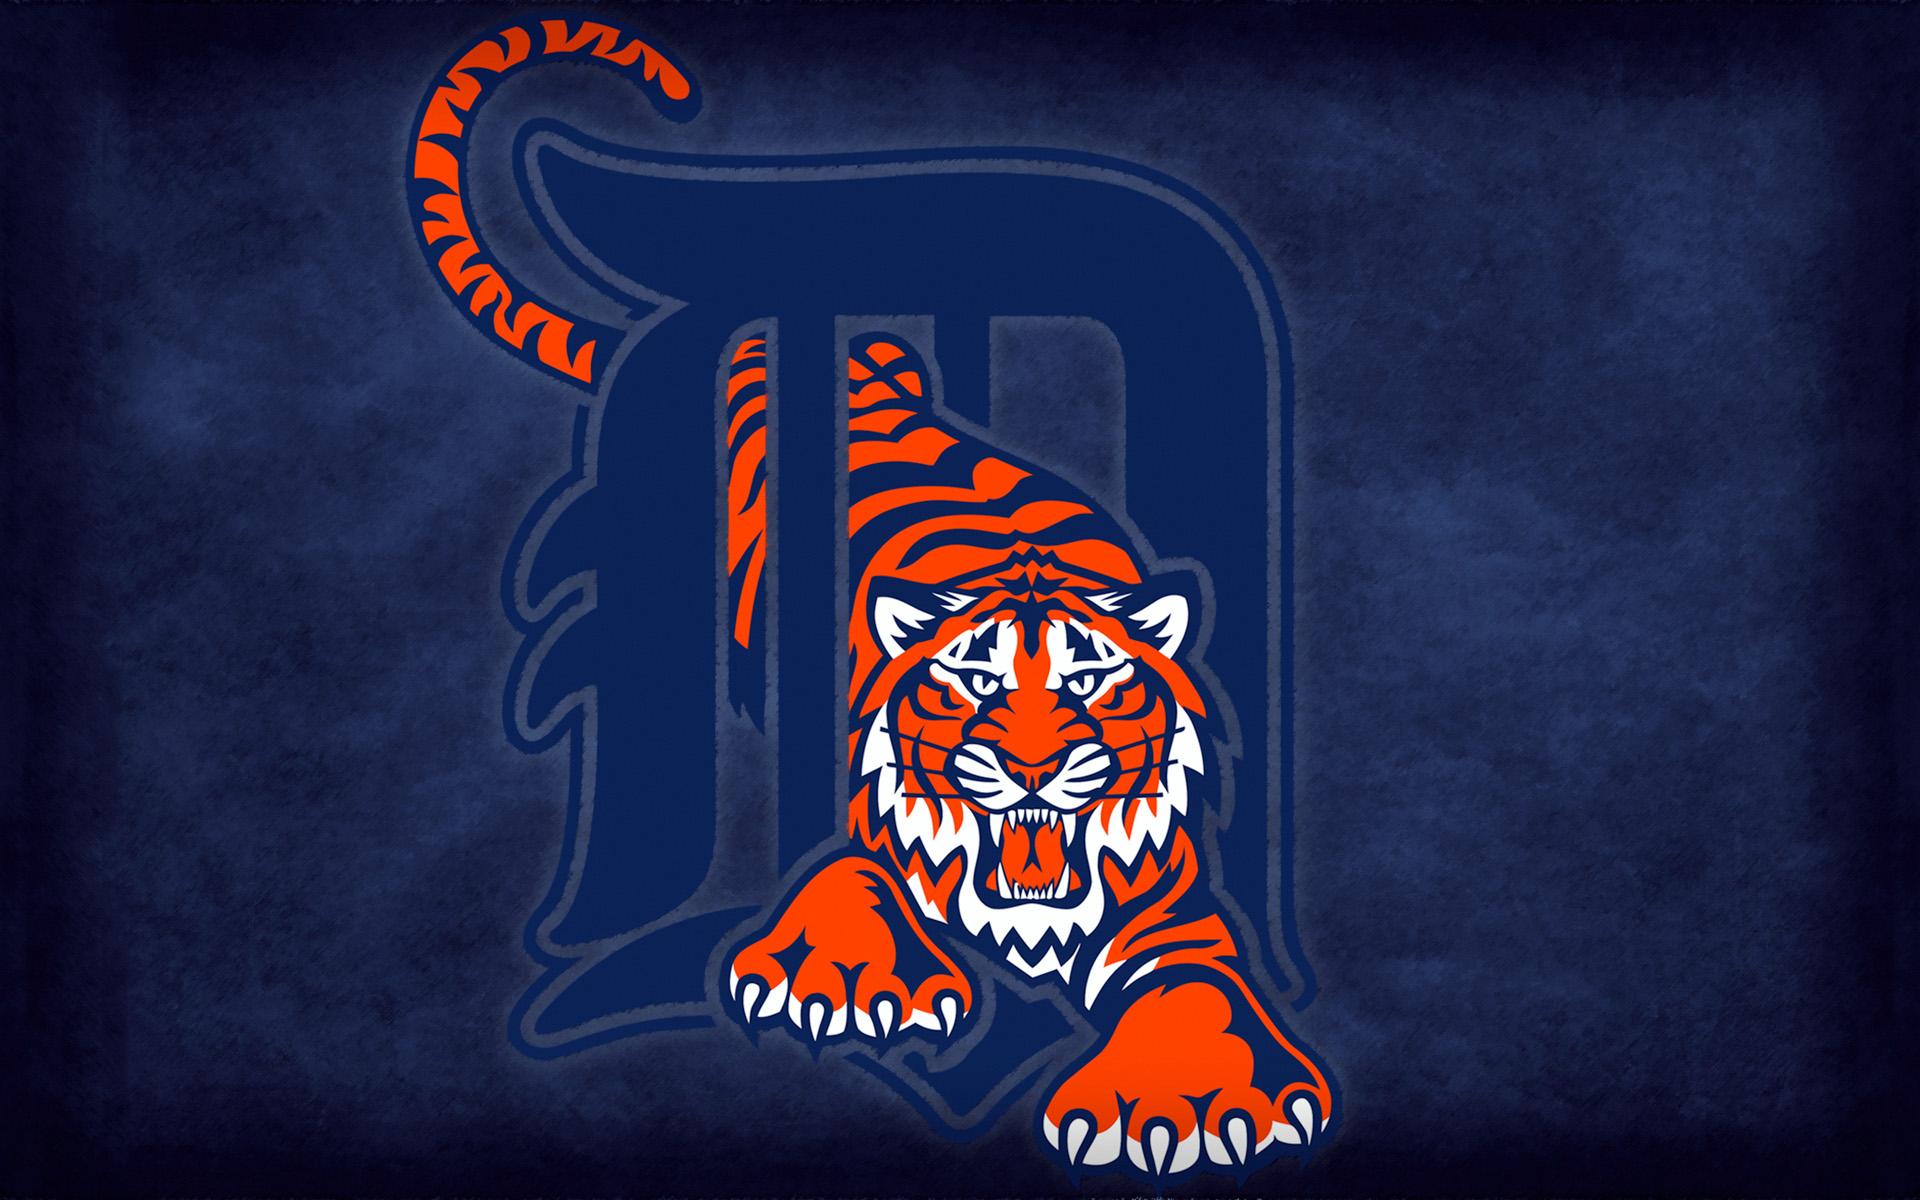 detroit tigers wallpaper 13595